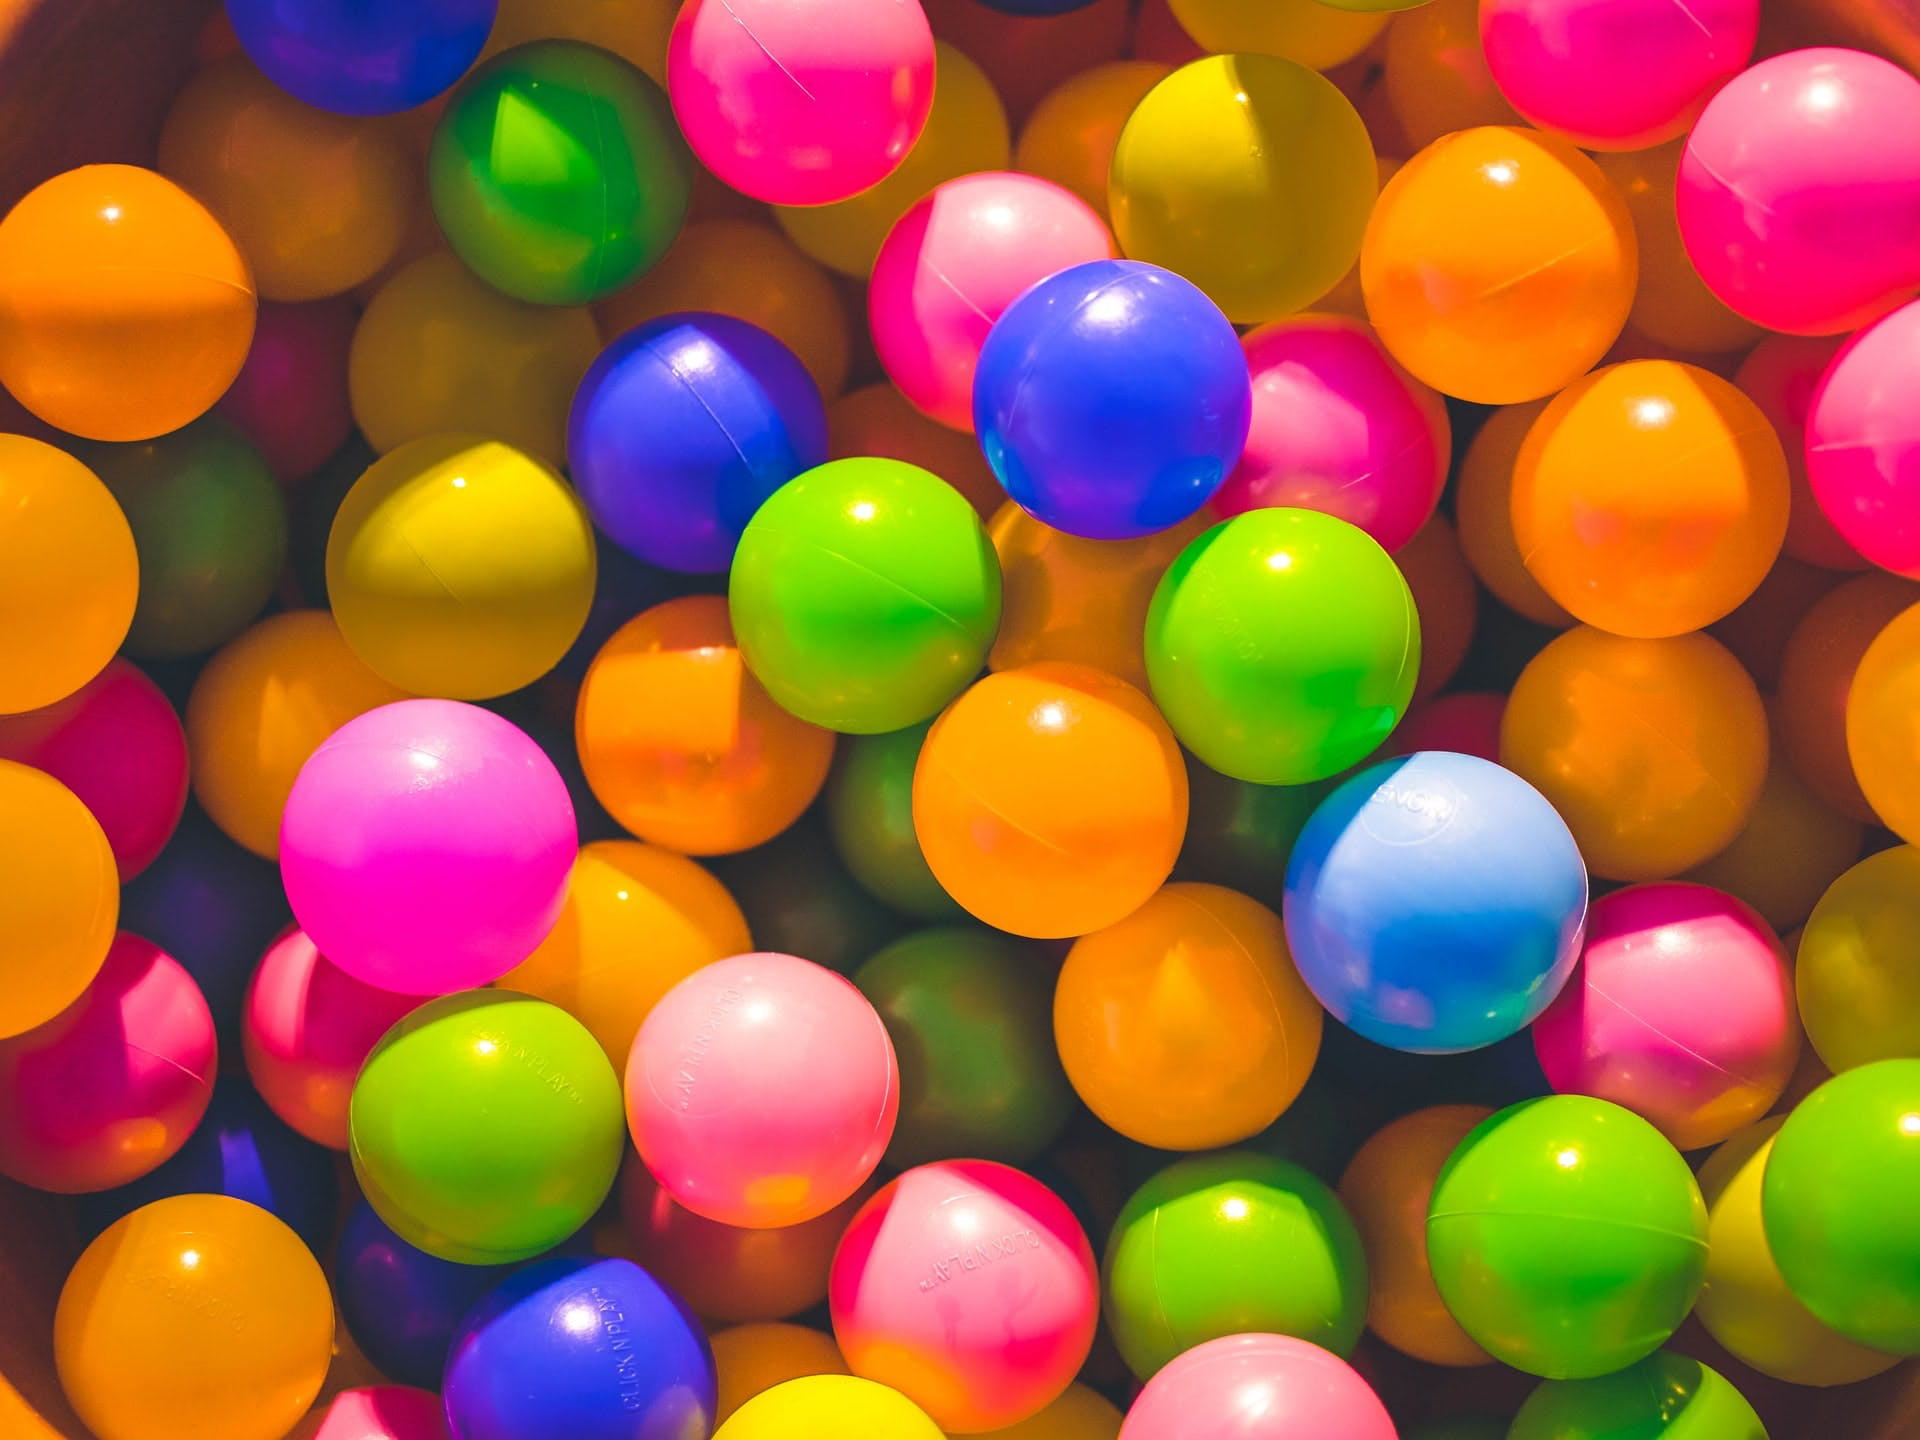 random_balls.jpg